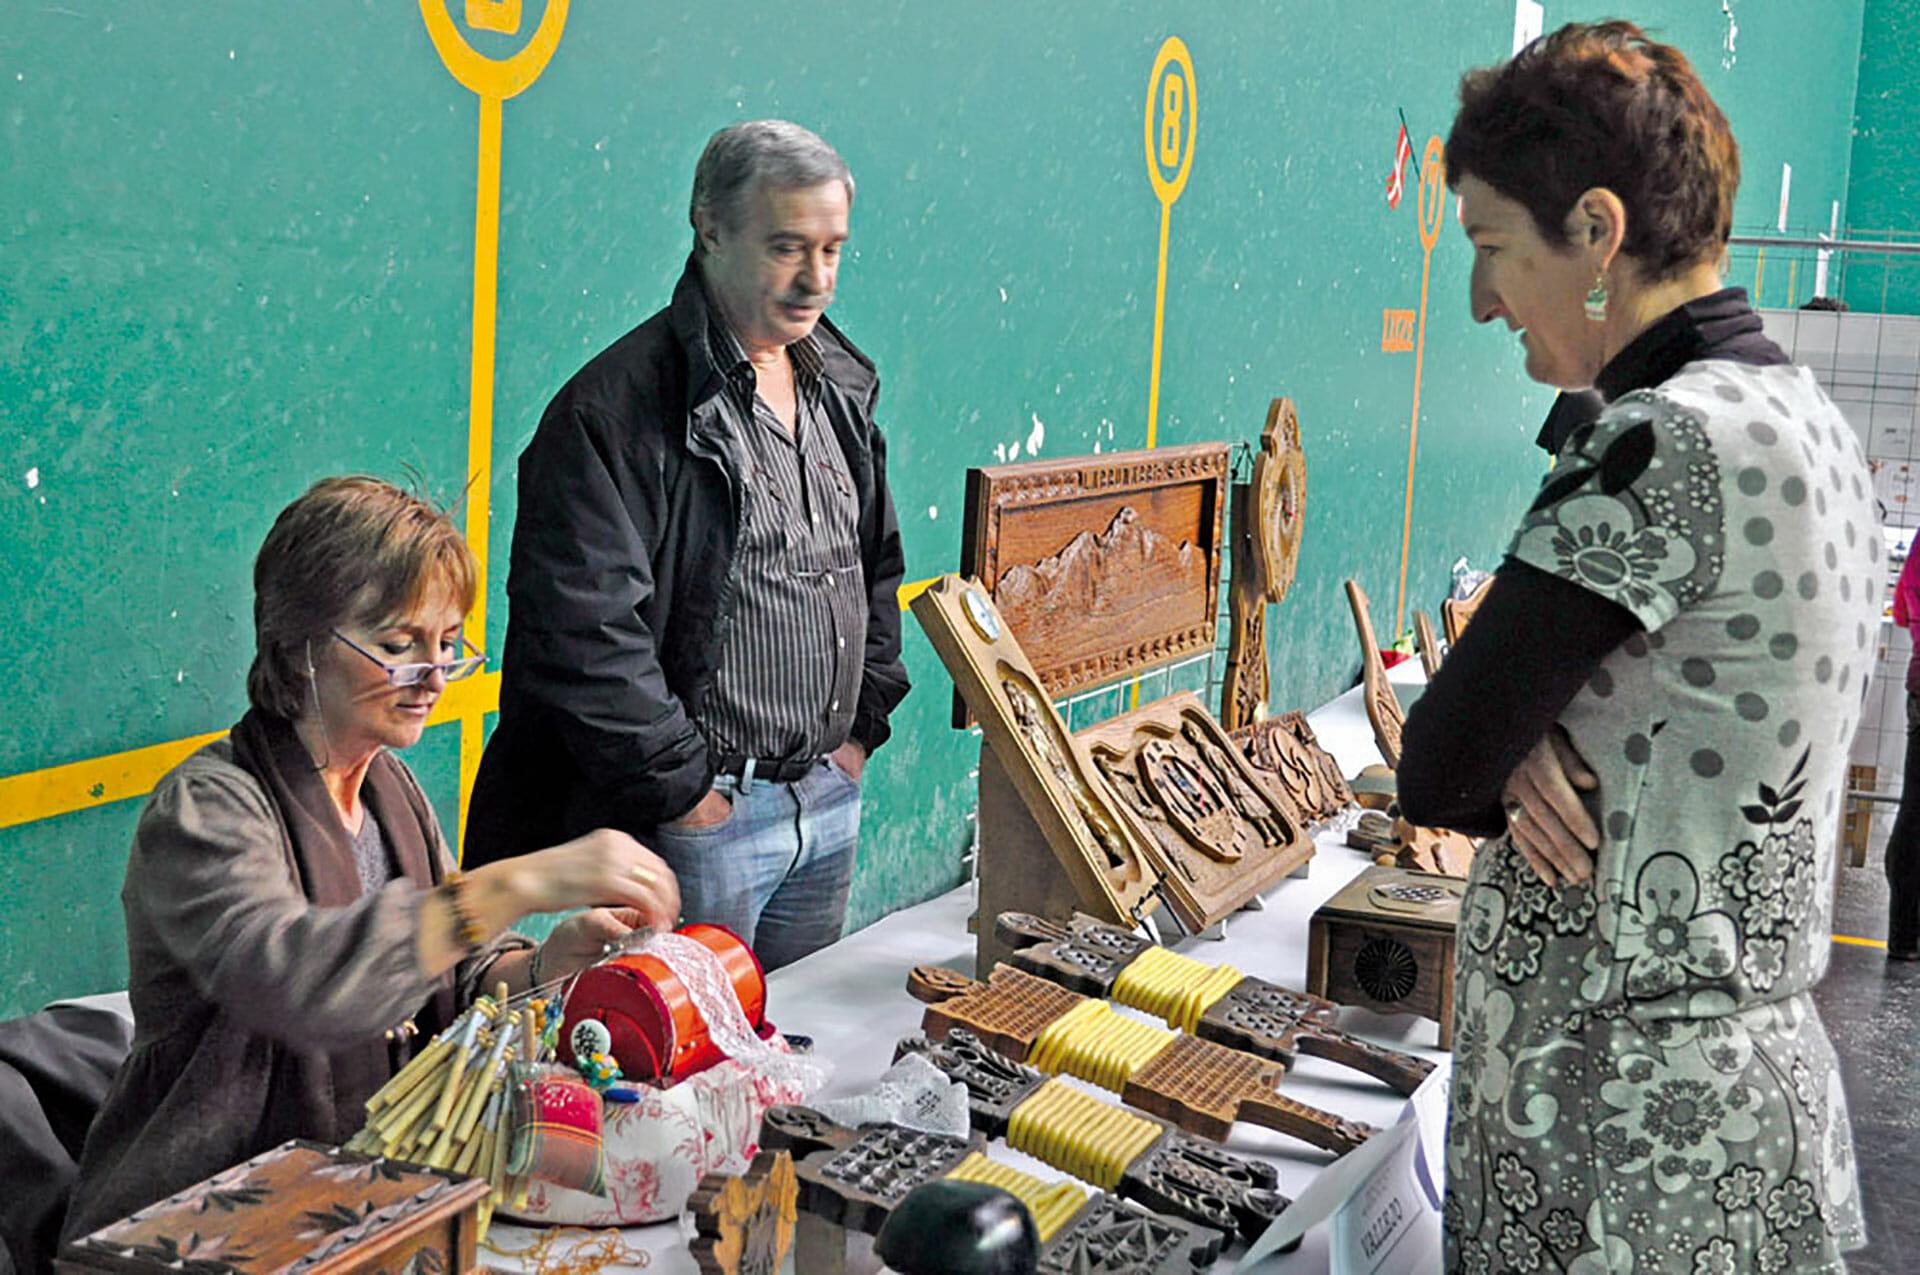 Jesus Vallejo continua con la tradicion de tallar argizaiolas en Amezketa Txantxangorri Aldizkaria